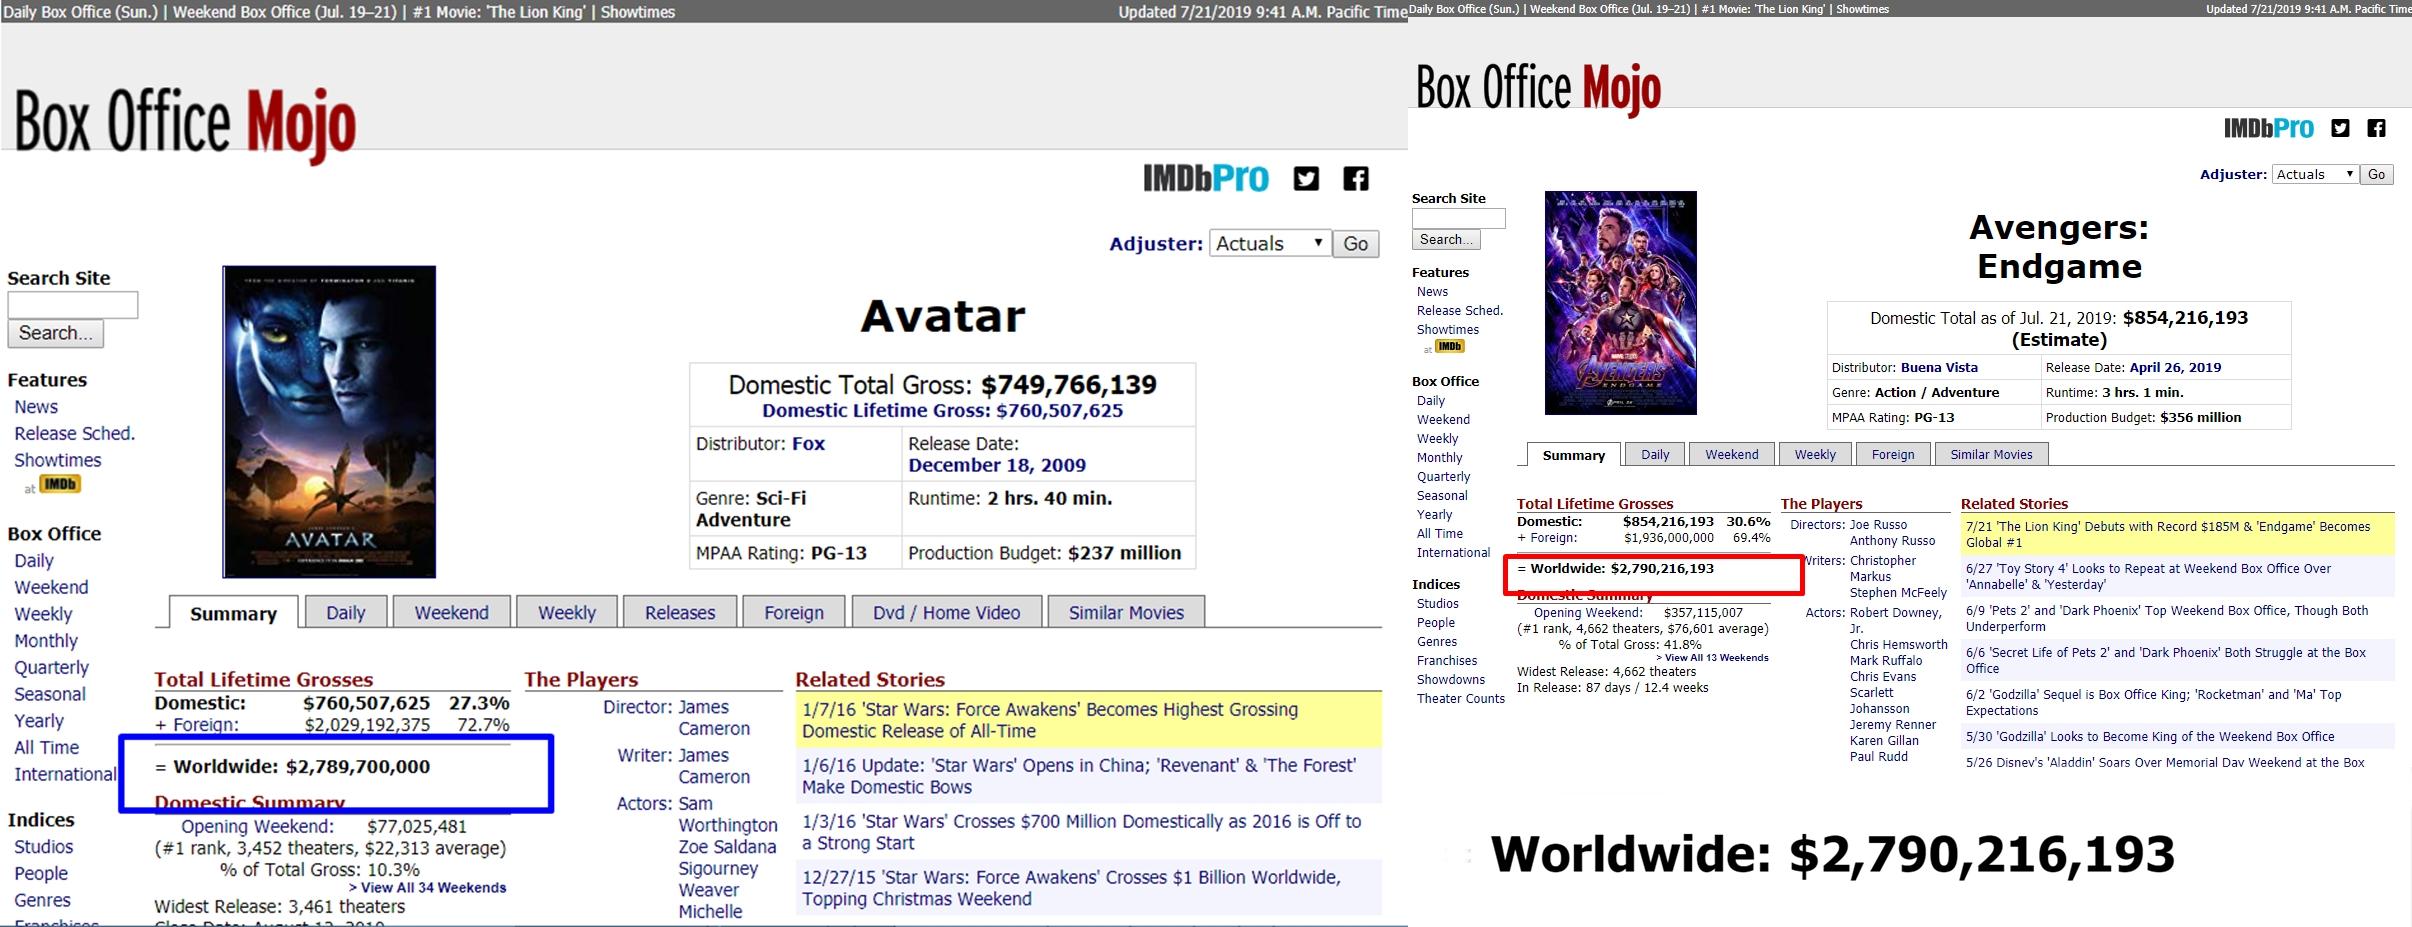 Endgame Beats Avatar at the Box Office | Avengers: Endgame